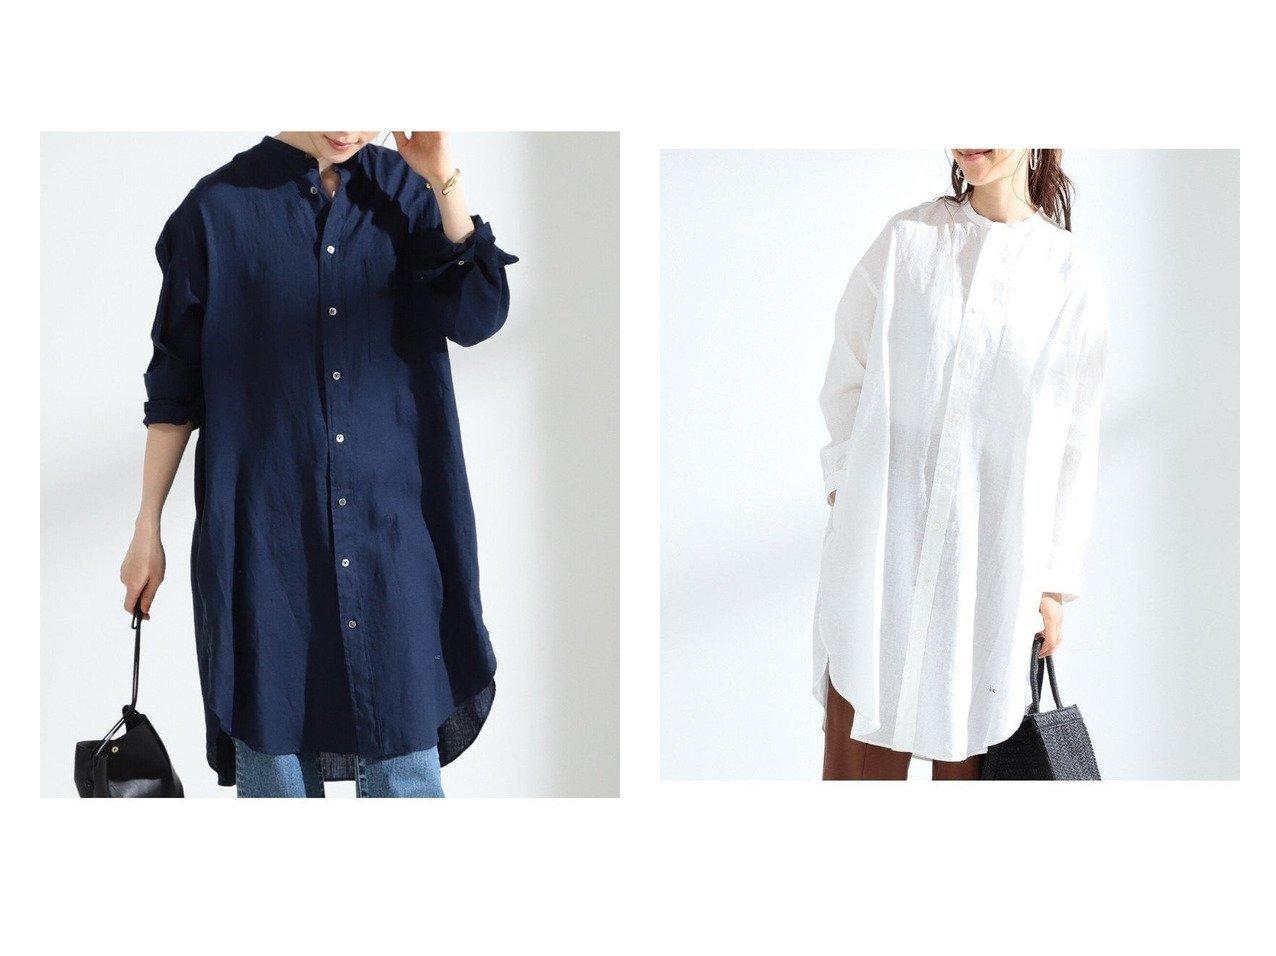 【Ray BEAMS/レイ ビームス】のリネン シャツ ワンピース 【ワンピース・ドレス】おすすめ!人気、トレンド・レディースファッションの通販 おすすめで人気の流行・トレンド、ファッションの通販商品 インテリア・家具・メンズファッション・キッズファッション・レディースファッション・服の通販 founy(ファニー) https://founy.com/ ファッション Fashion レディースファッション WOMEN ワンピース Dress シャツワンピース Shirt Dresses おすすめ Recommend リネン レギンス ワイド  ID:crp329100000045561